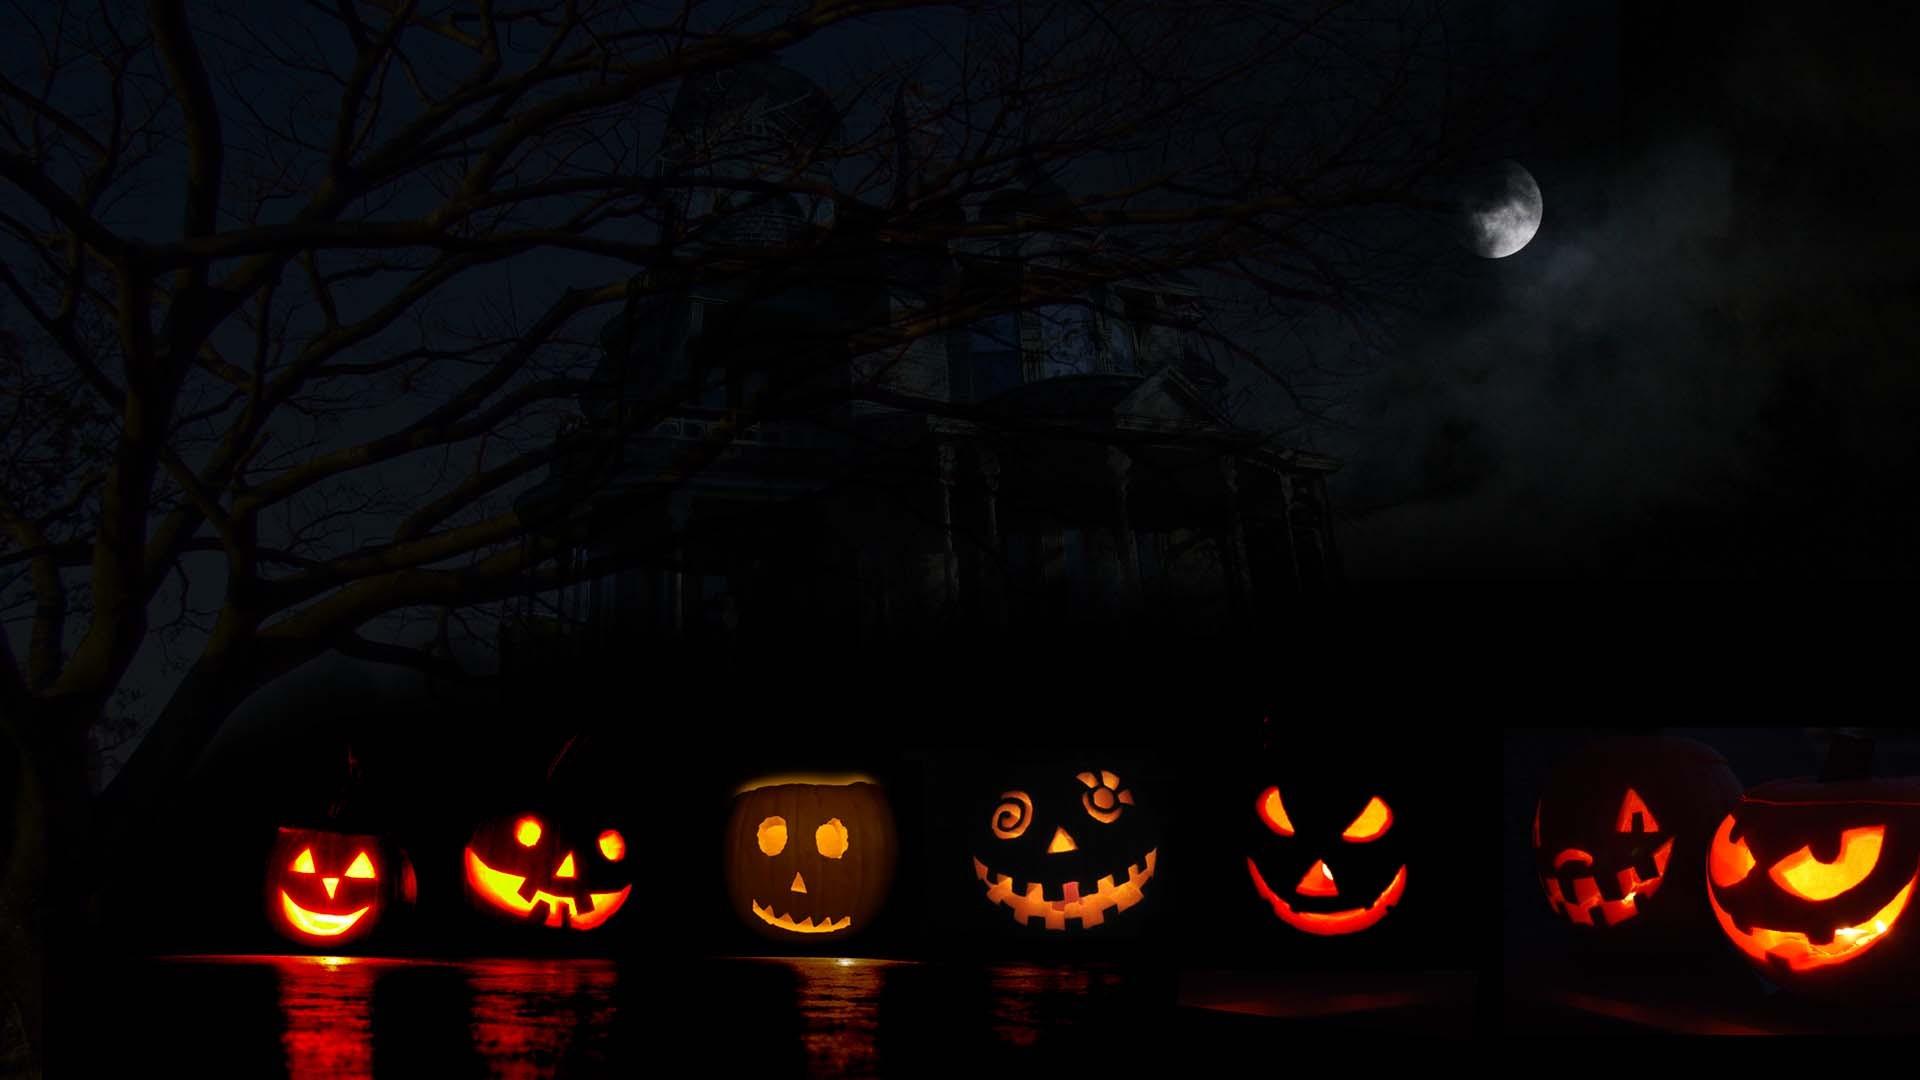 download Halloween Backgrounds 1920x1080